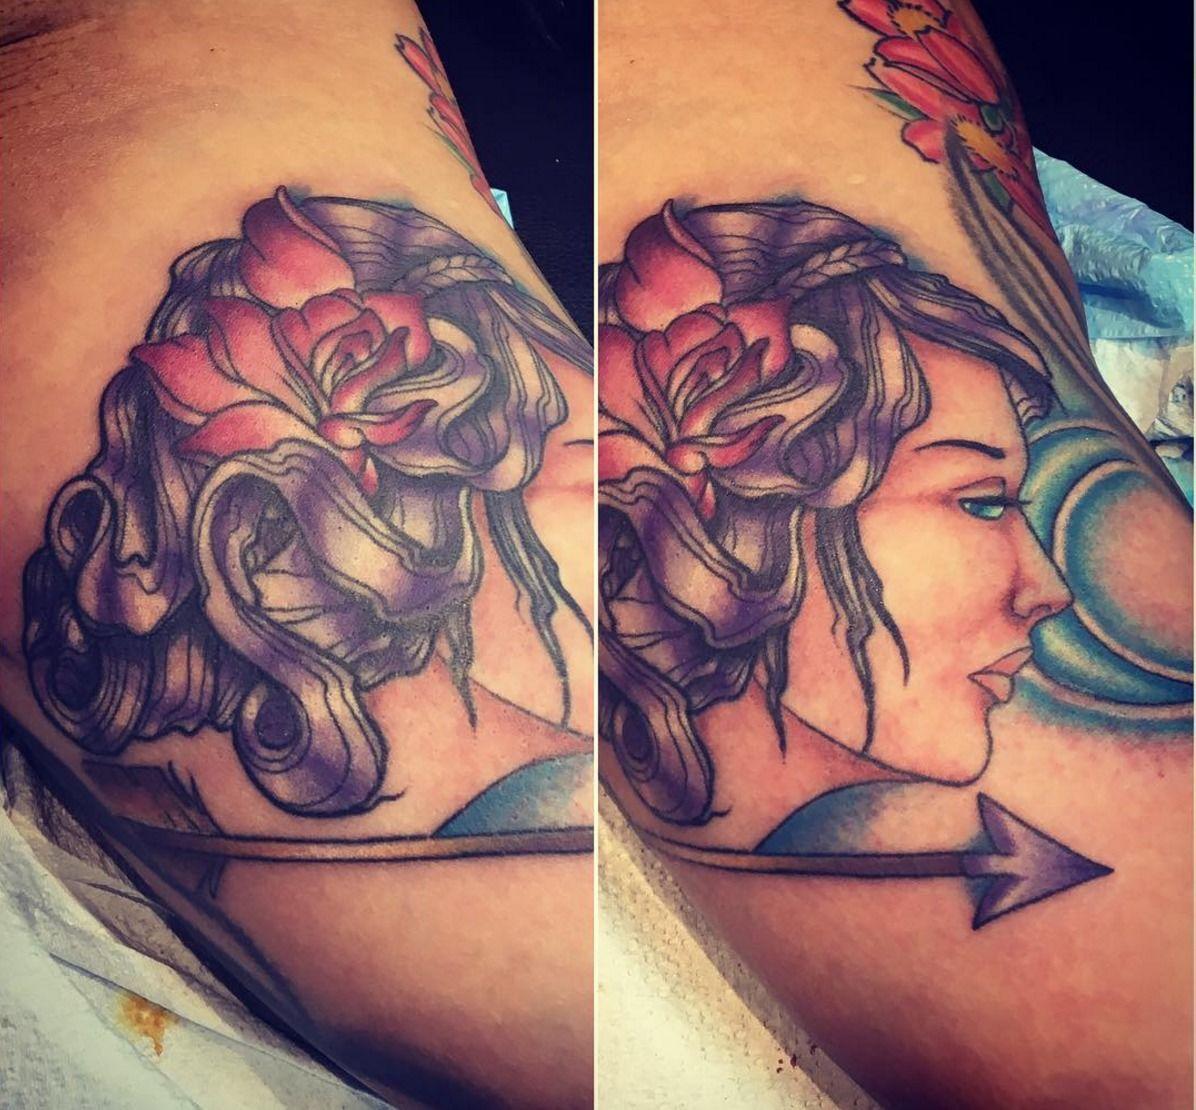 jakitatuartemis,tattoo,artemis,artemis,tattoo,bow,and,arrow